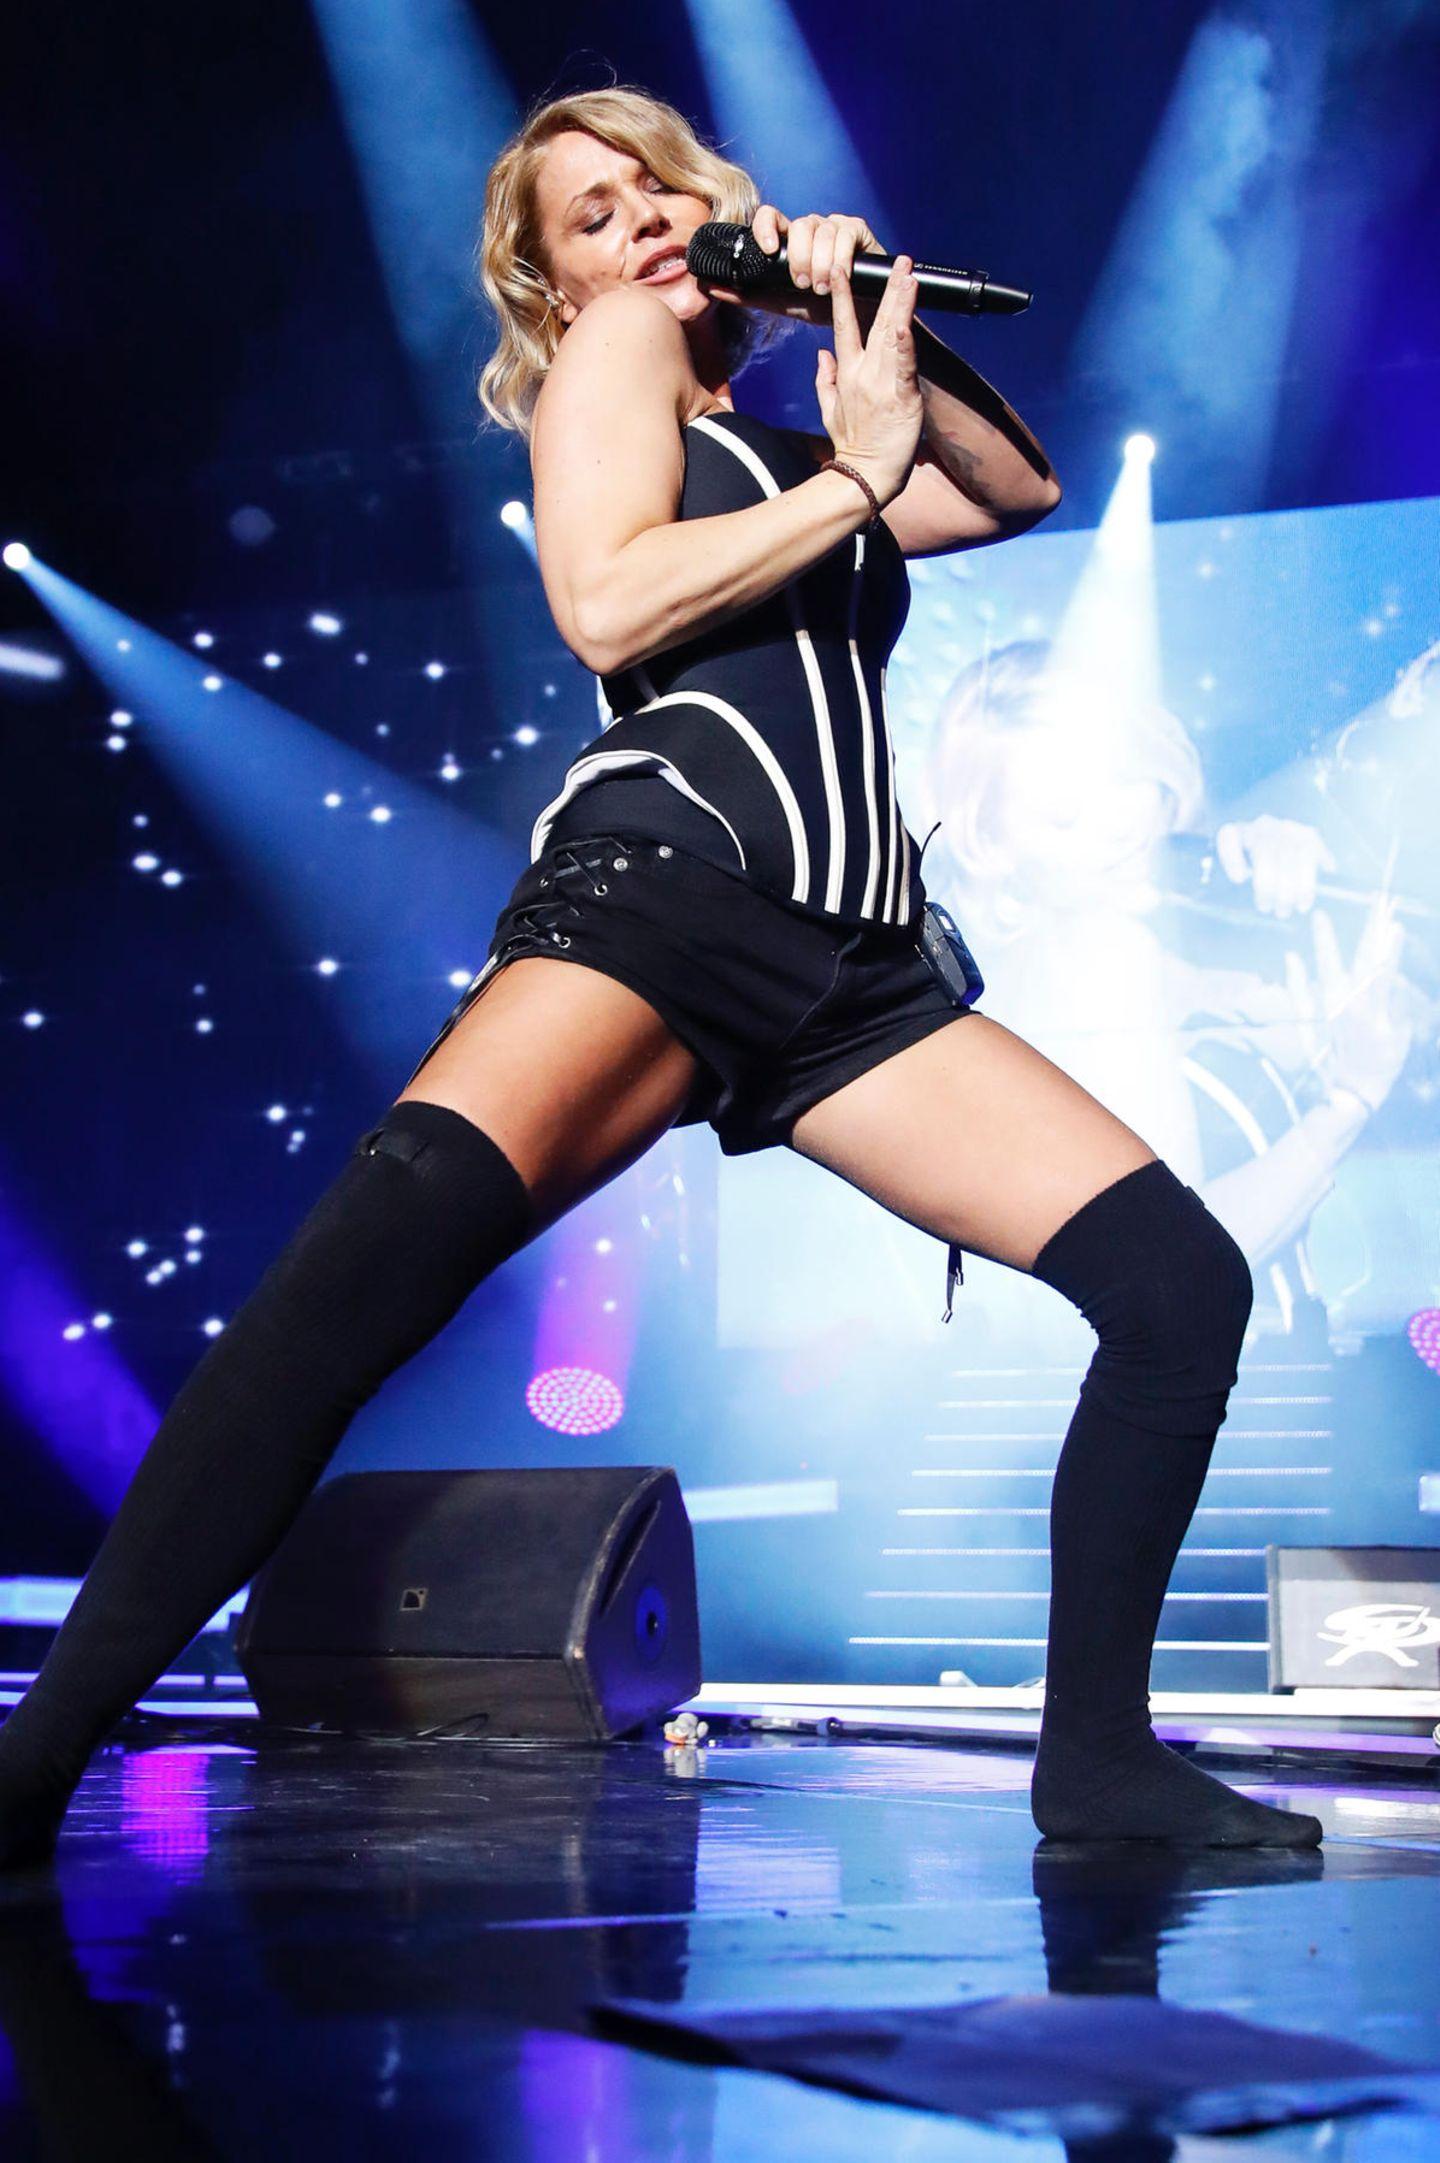 """Bei der """"Schlagernacht des Jahres"""" in Hamburg zeigt Sängerin Michelle dem Schlager-Nachwuch, was sie, als alter Hase im Business, zu bieten hat. In sexy Korsage, Hot-Pants und Overknee-Strümpfen rockt sie die Bühne und steht mit 46 Jahren ihren jungen Kolleginnen in Nichts nach."""